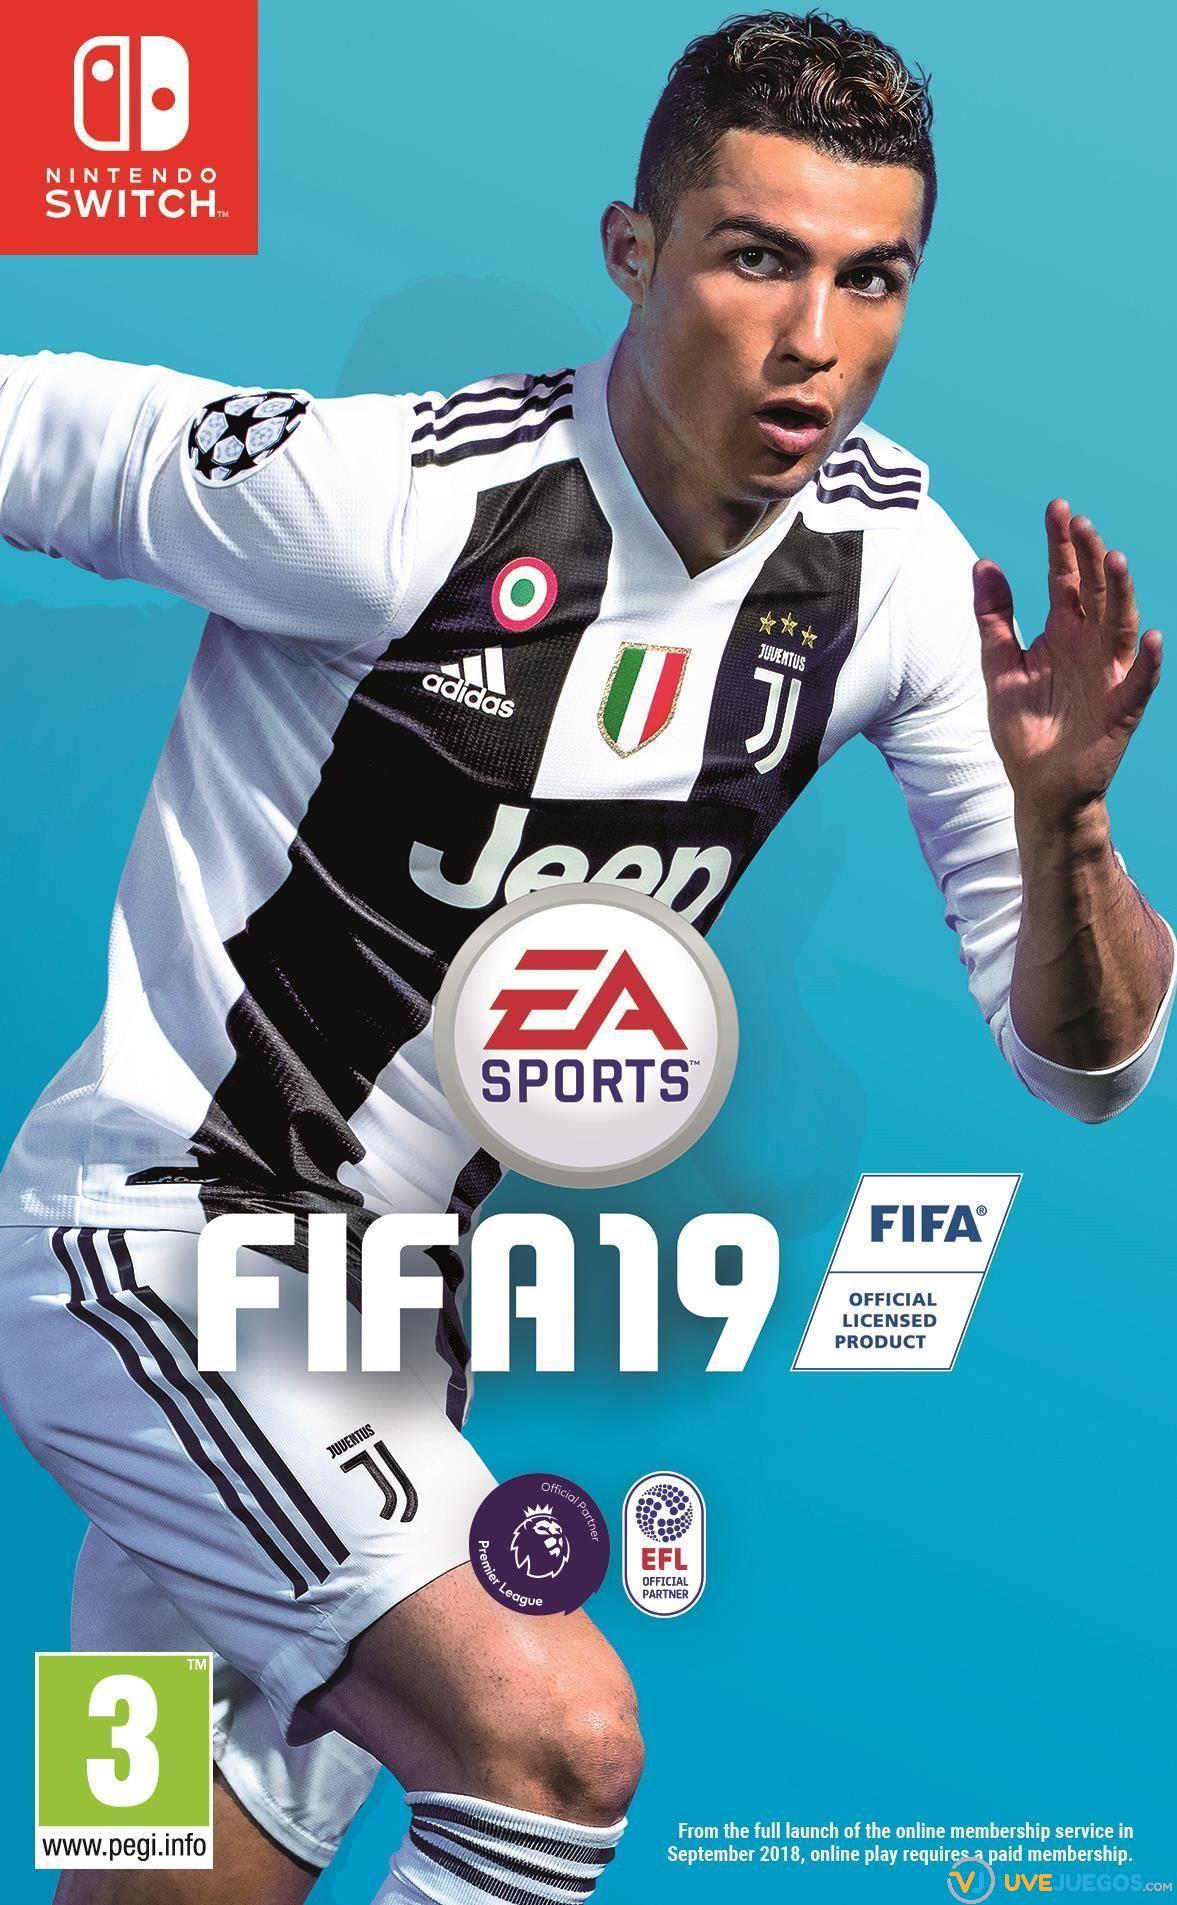 Resultado de imagen de portada FIFA 19 nintendo switch